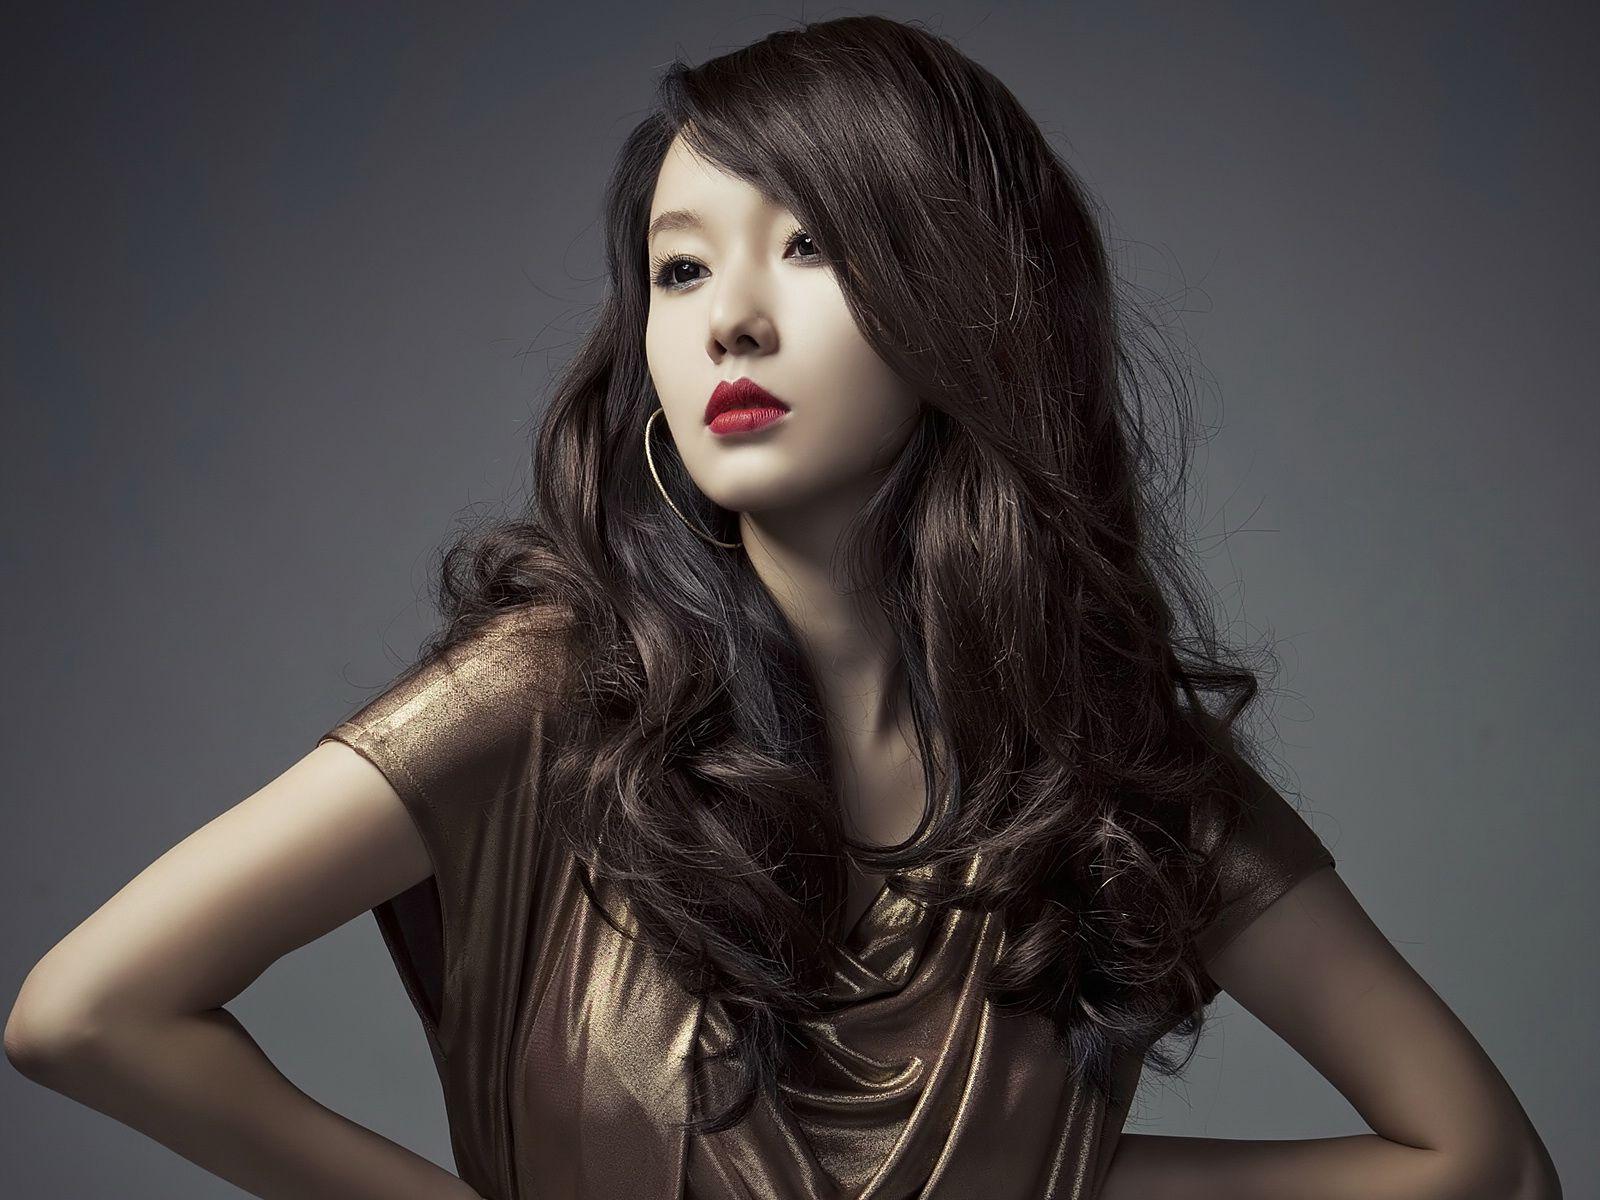 lee-jung-hyun-3